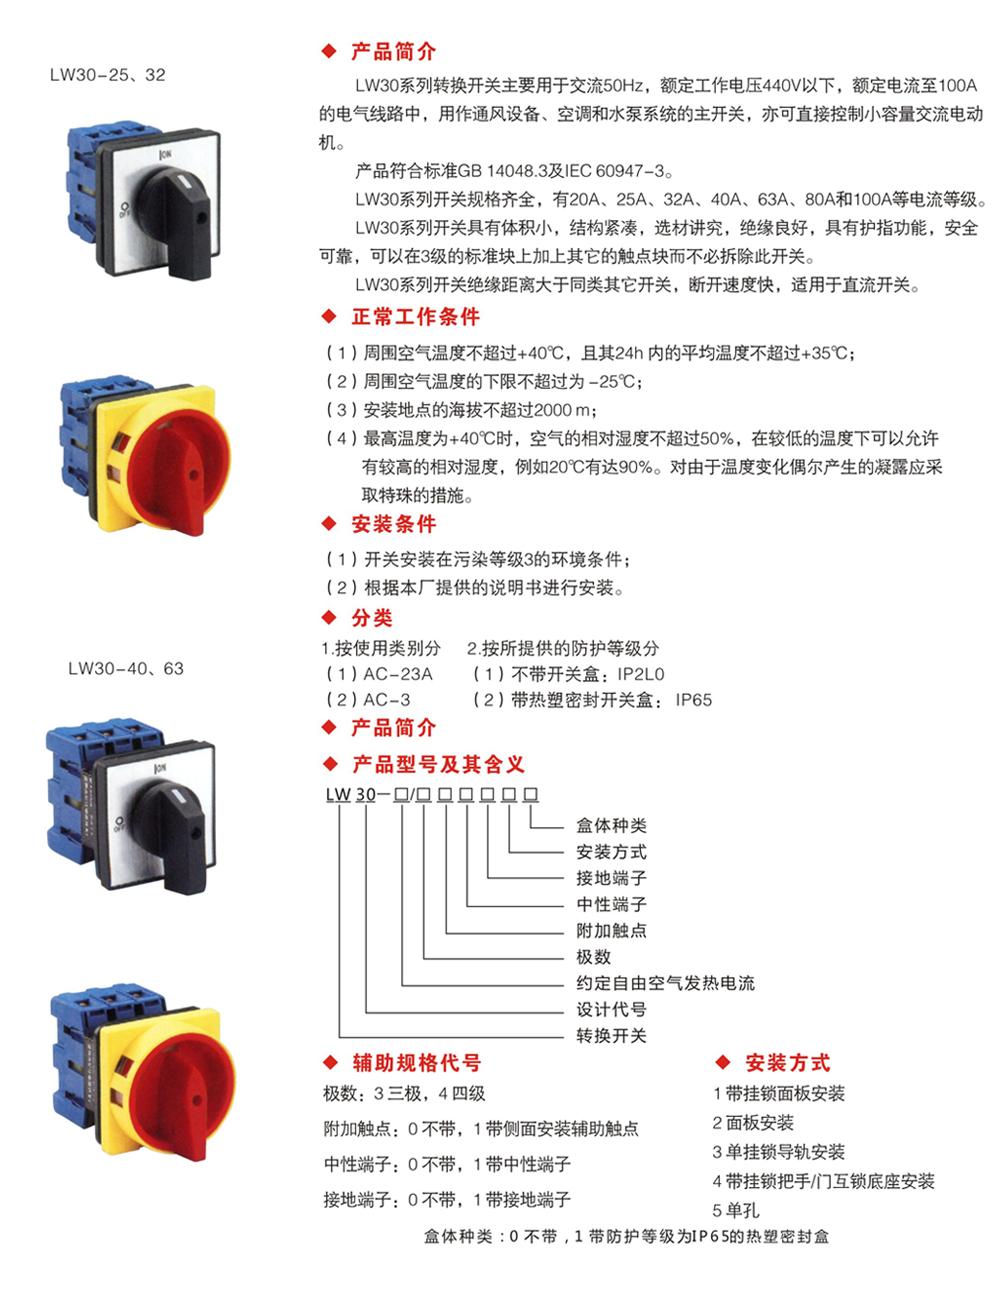 LW30-25 300010 SJW30-25 3 电源切断负载断路开关|SJW30(LW30 GLD11)系列万能转换开关-上江电气